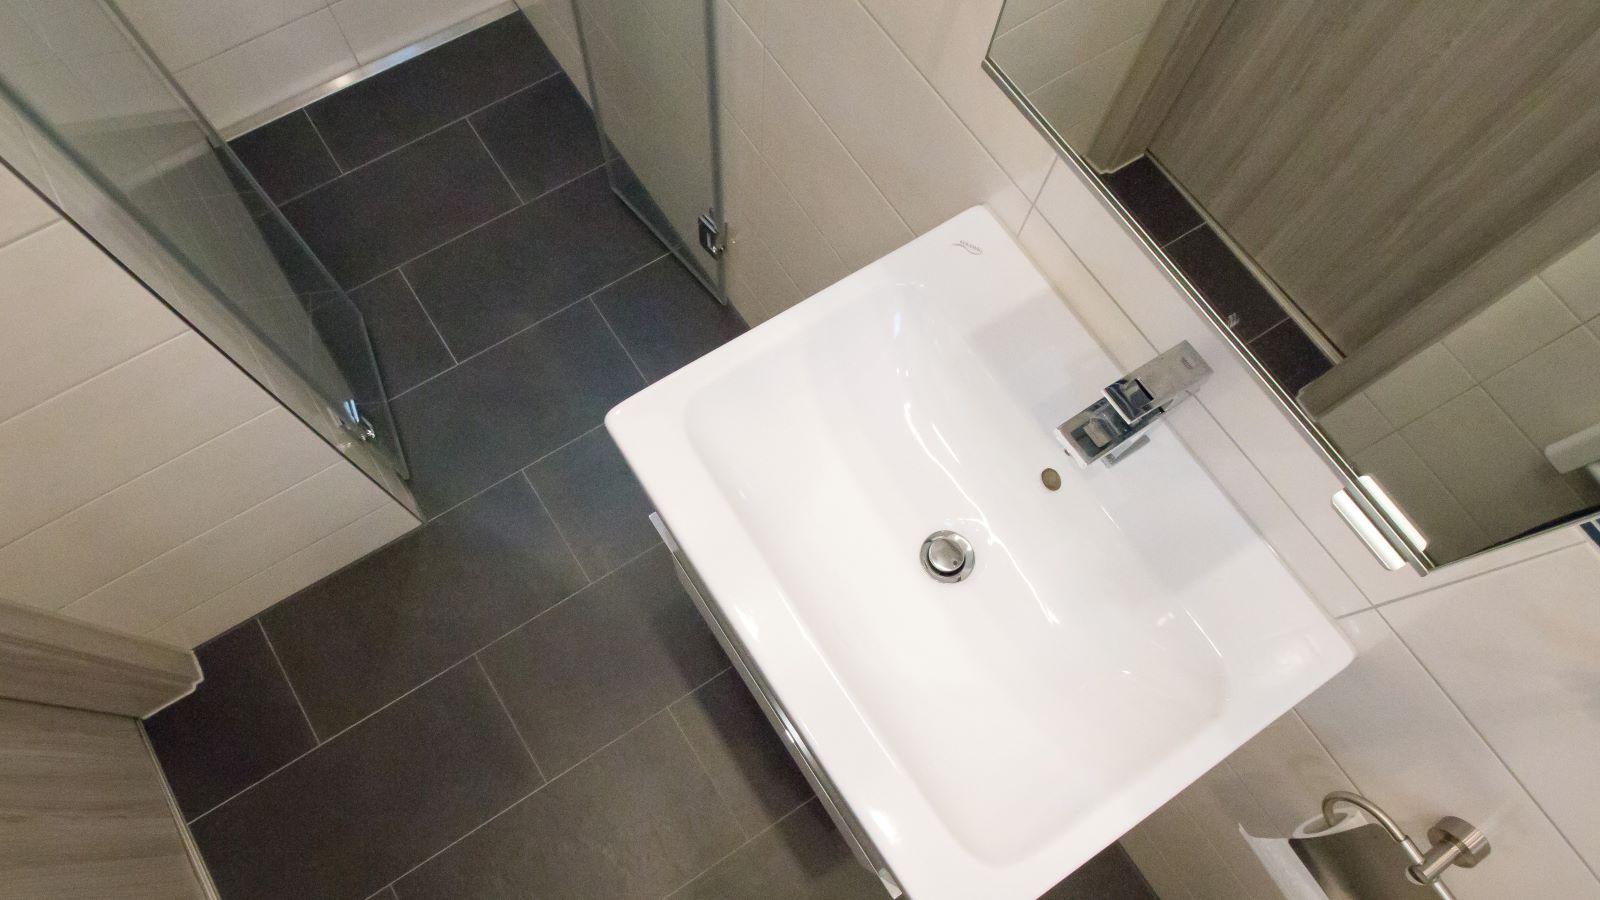 Im abgebildeten Gästebad sieht man die wandbuendig montierte v4a edelstahl-duschrinne pro in der barrierefreien dusche. Cm-genau massgefertigt bis 600 cm laenge laesst sie sich einfach von wand zu wand abschliessend einbauen. Die sehr hohe ablaufleistung, einfache montage, sichere abdichtung und einfache verlegung auch von xxl-fliesen machen die duschrinne pro zur ersten wahl fuer bodengleiche duschen. Einfache pflege der unempfindlichen duschrinne pro sowie hygienische reinigung ohne werkzeug und ohne haarsieb ergaenzen die praktischen vorteile der duschrinne pro.